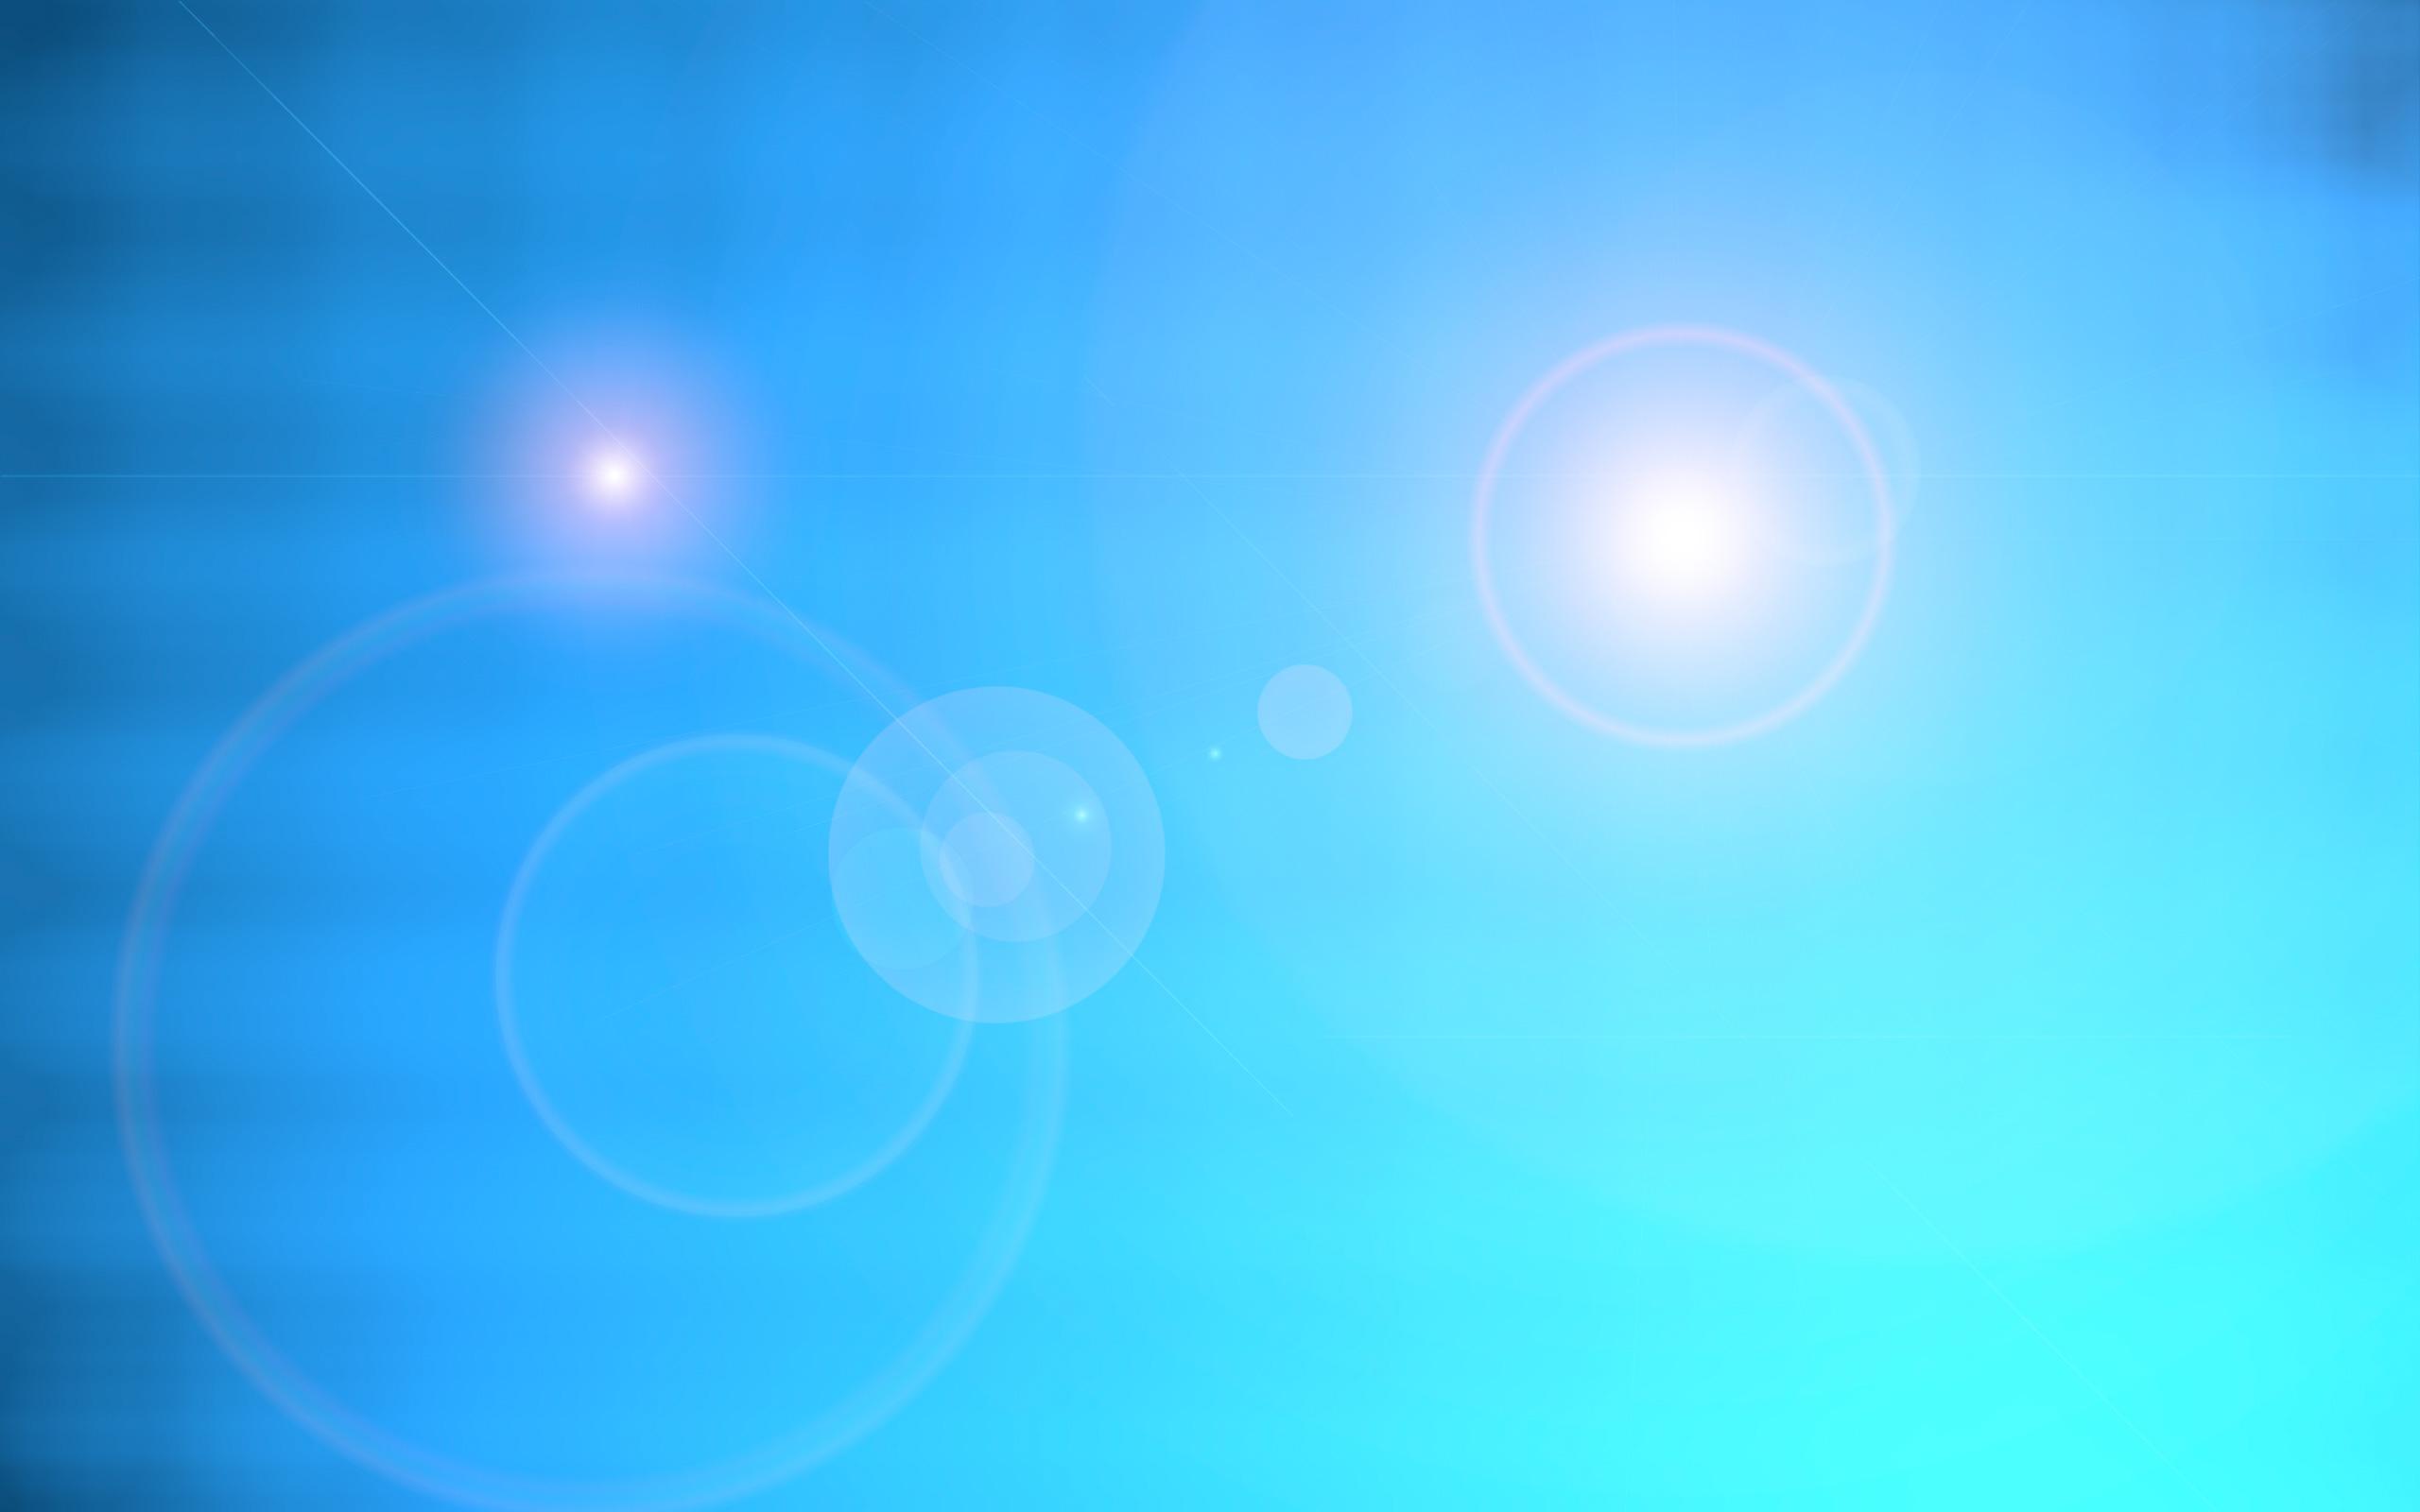 Blue Wallpaper   Colors Wallpaper 34503019 2560x1600